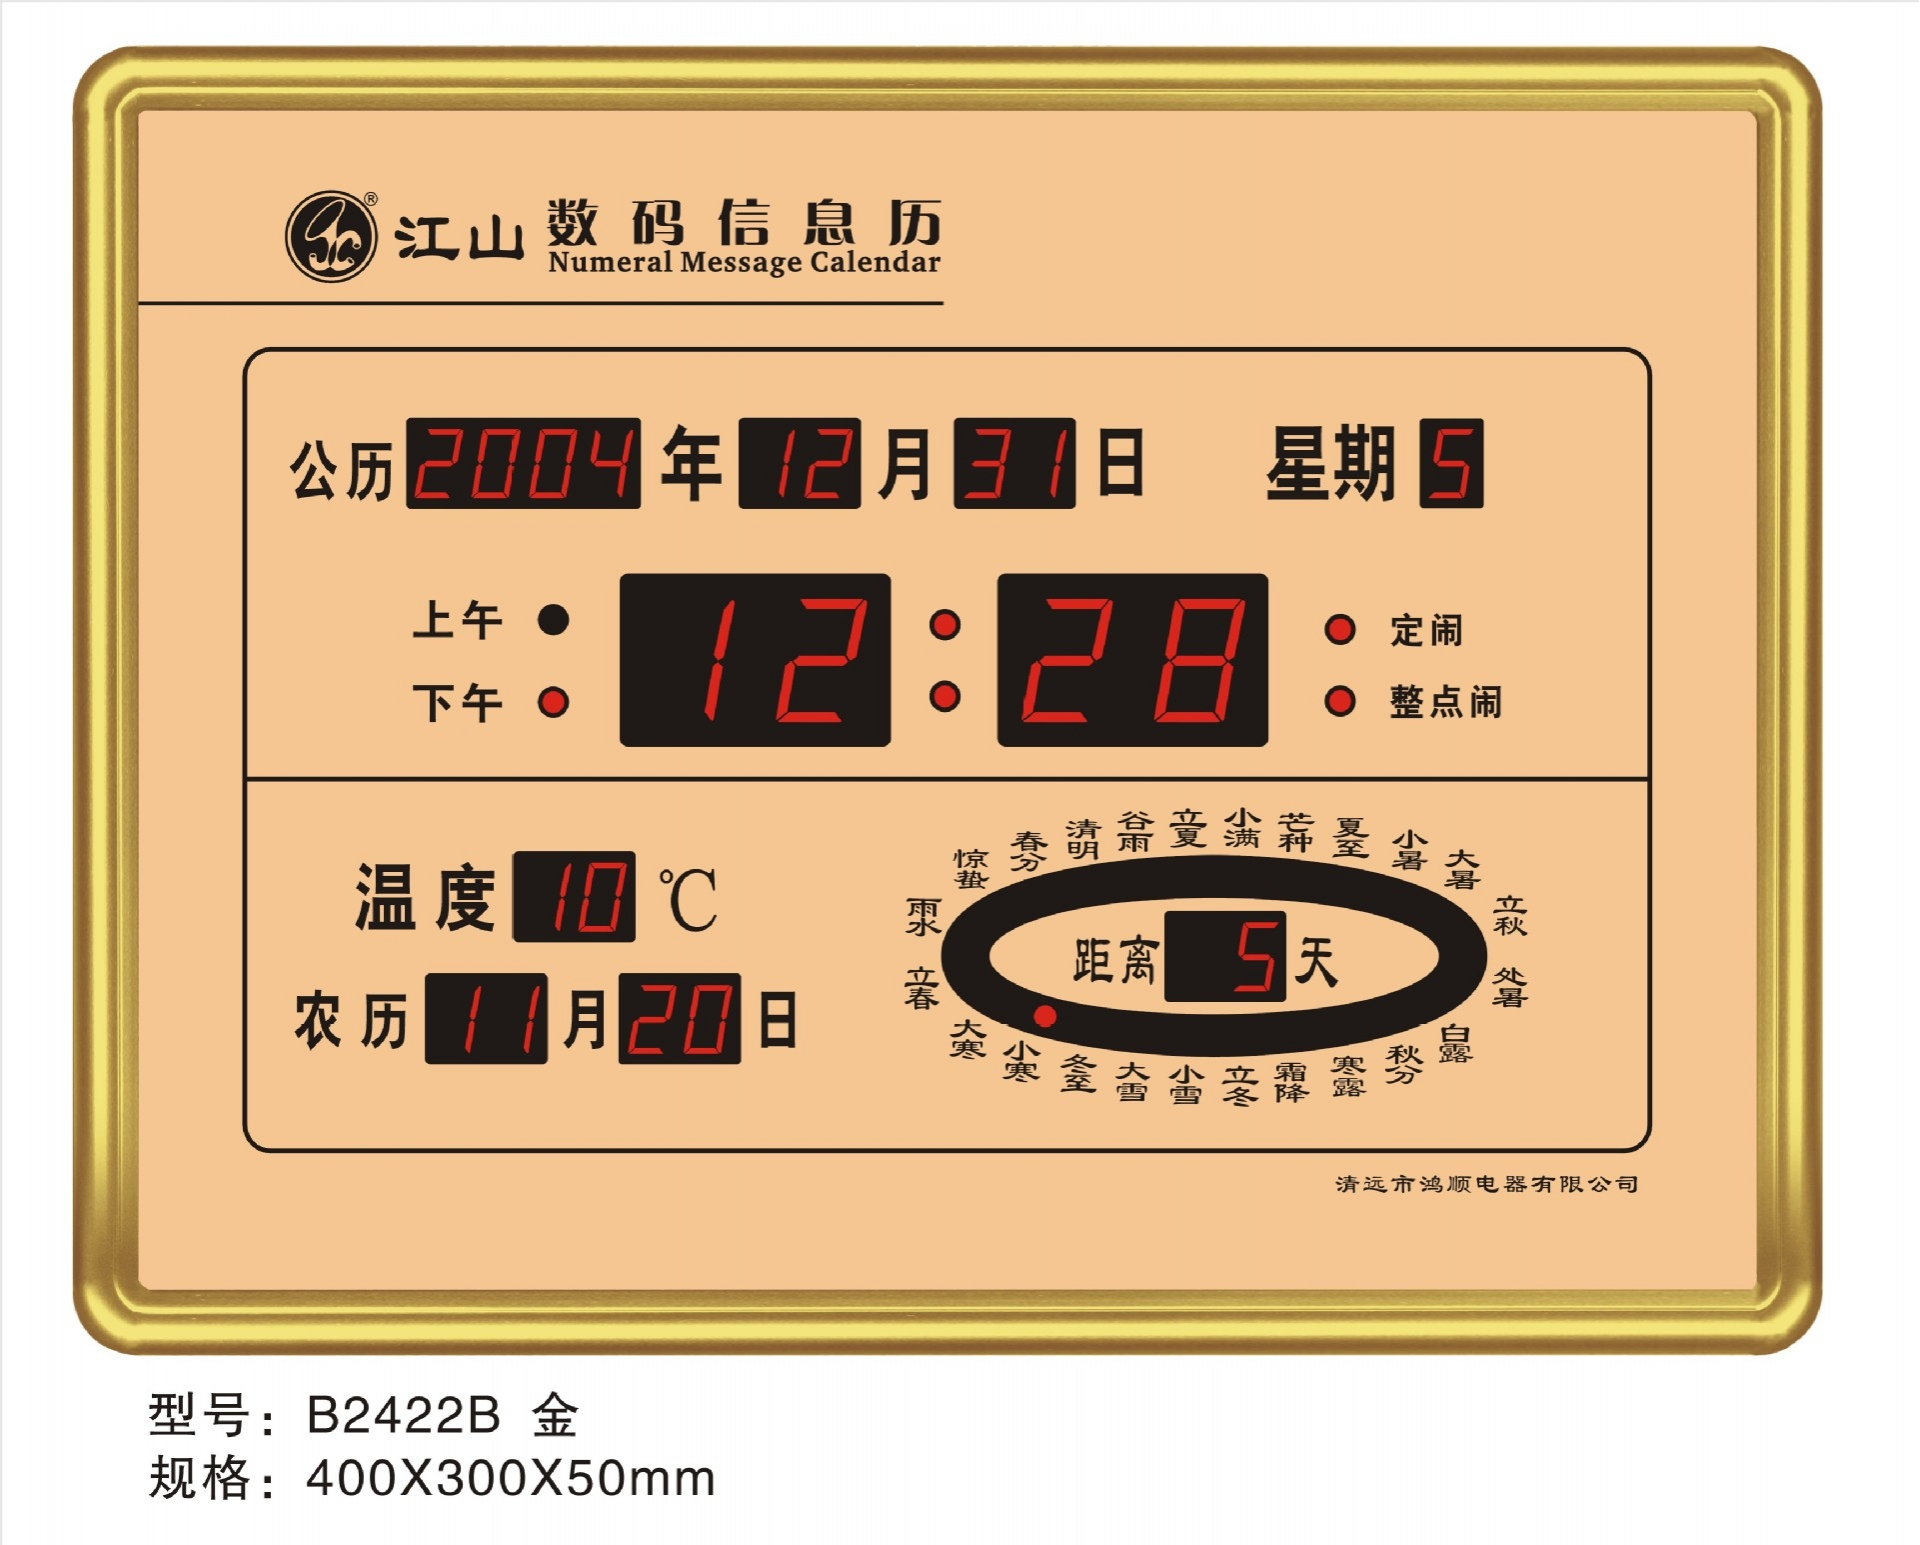 江山led夜光挂钟 电子万年历 2422 qcw29304